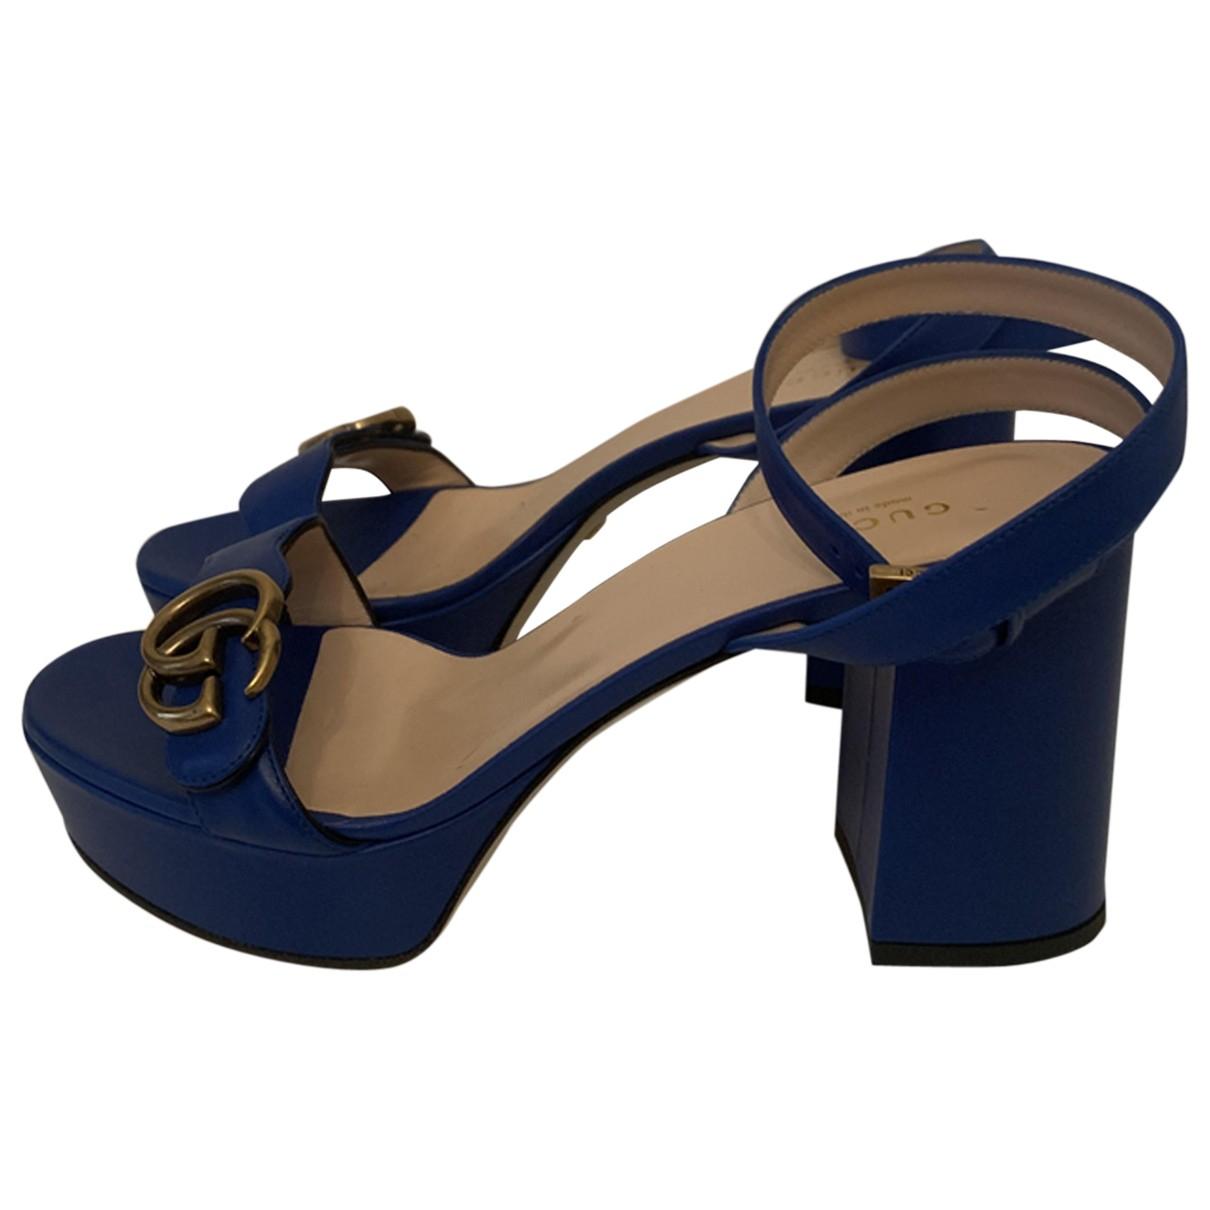 Gucci - Sandales Marmont pour femme en cuir - bleu